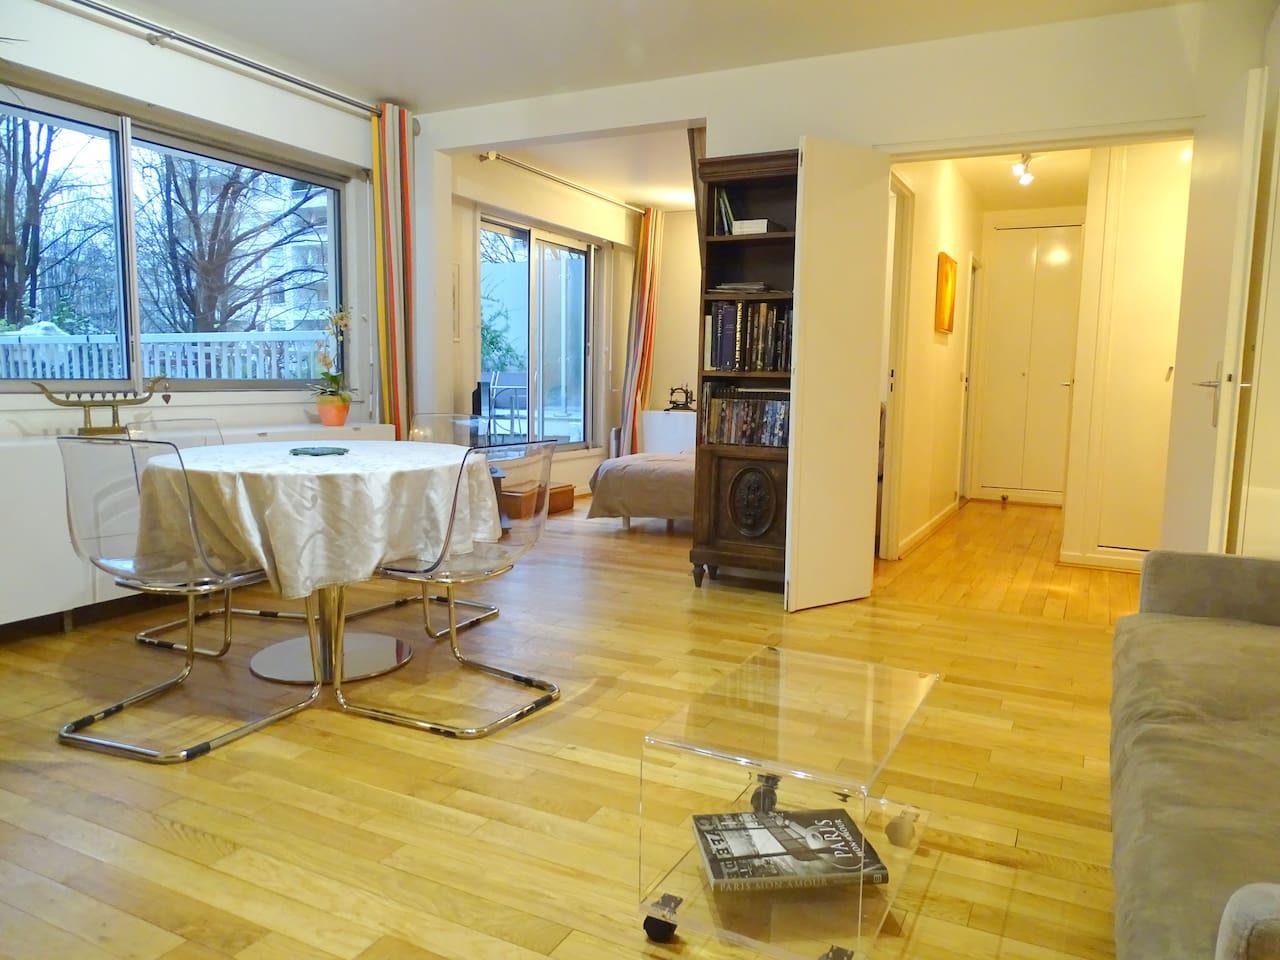 Un deux pièces lumineux, spacieux et confortable. Cuisine séparée. Salle de bains. WC séparés